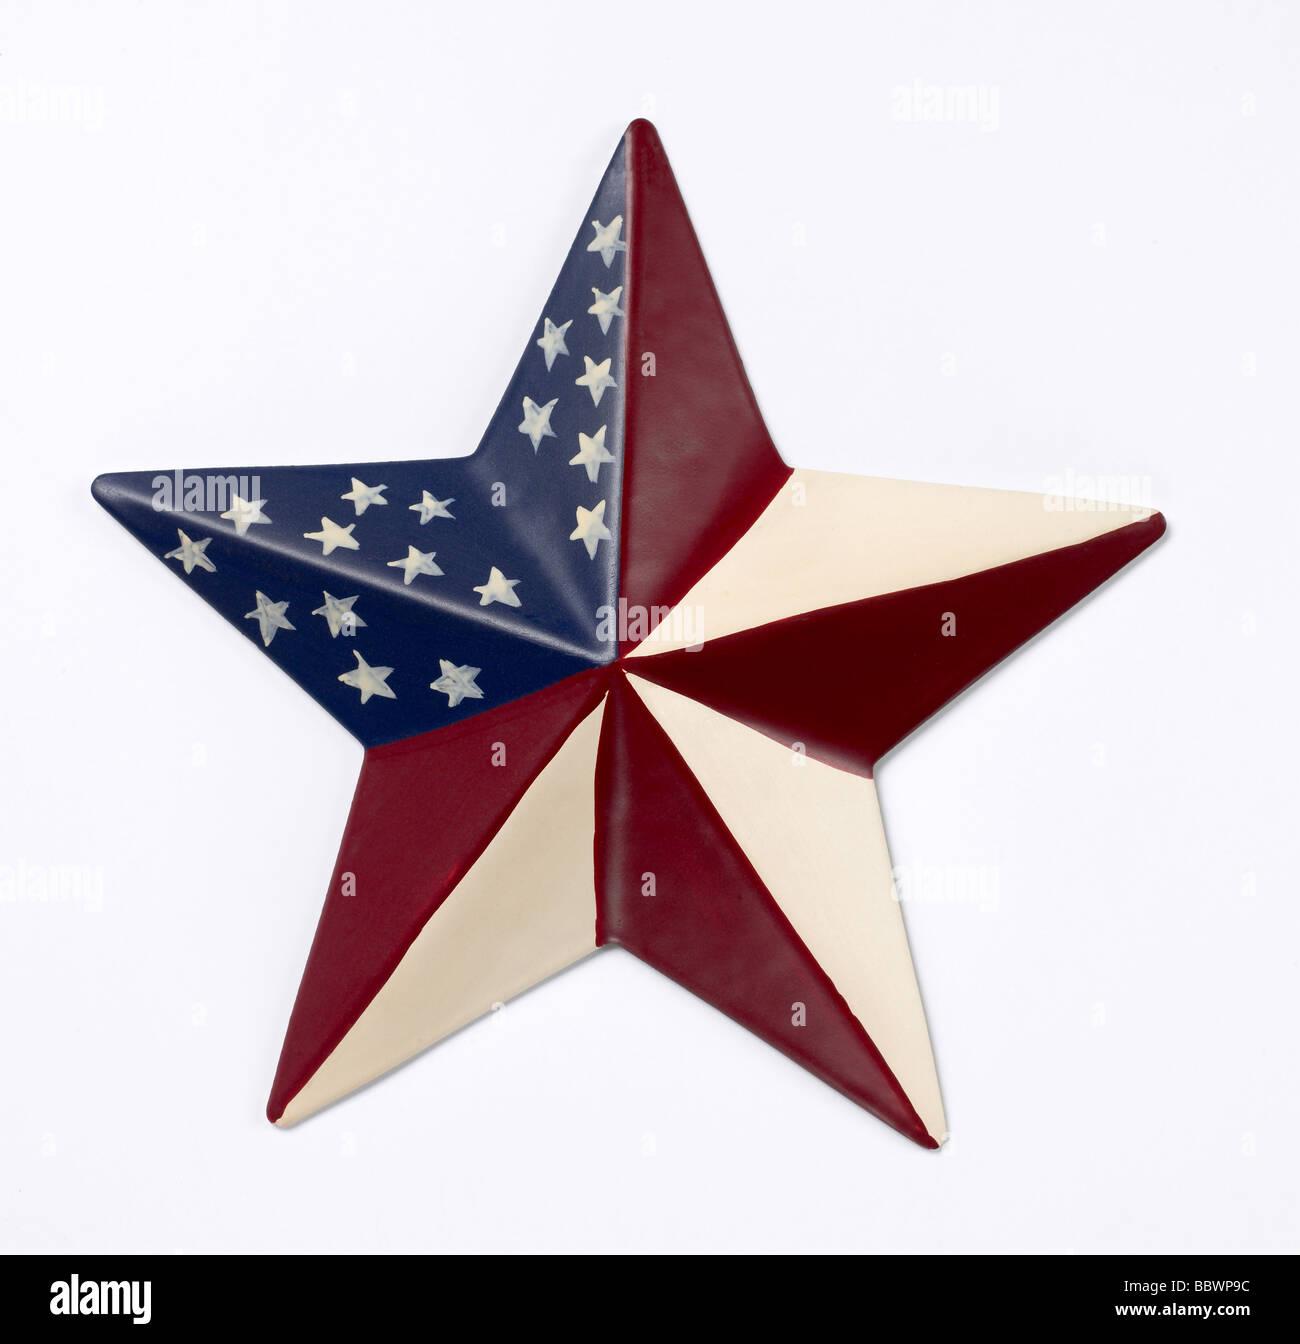 Estrella azul blanco rojo Imagen De Stock